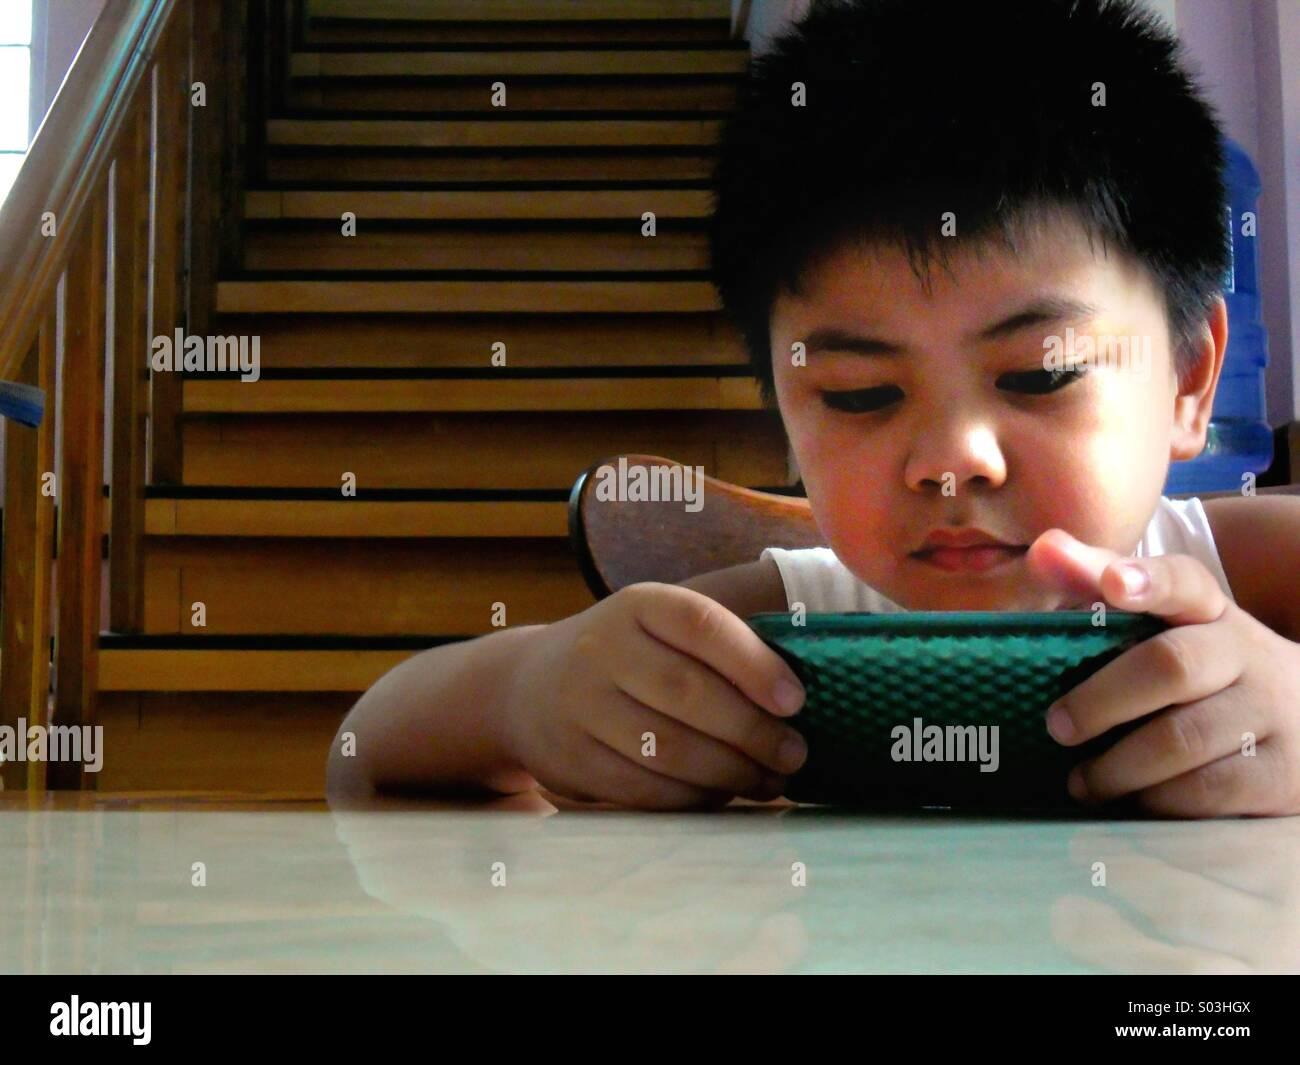 Garçon enfant asiatique regarder ou jouer sur une tablette Photo Stock